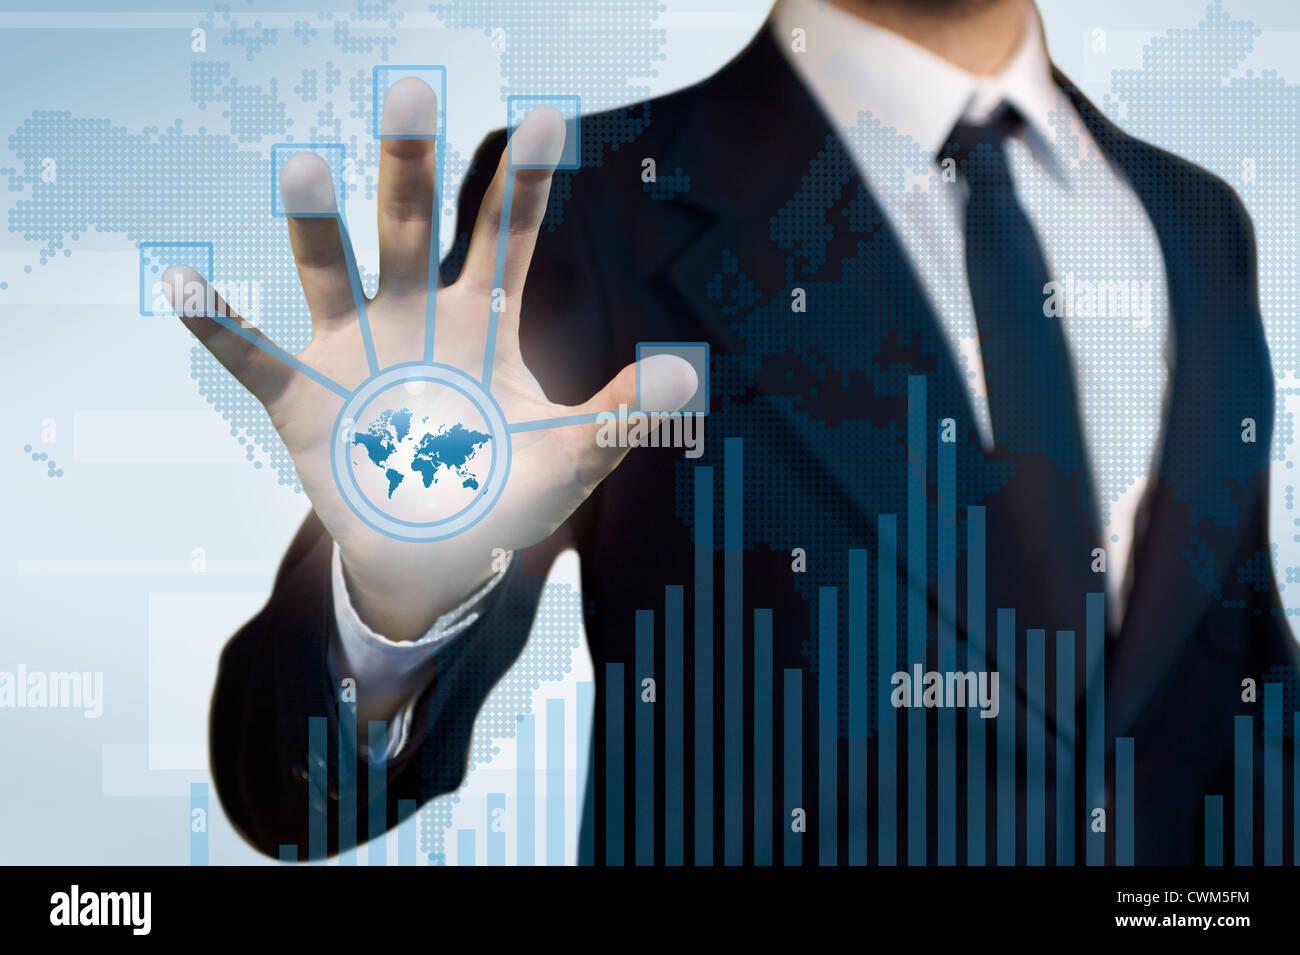 Digitaltechnik für die Business-Anwendung, ein Geschäftsmann, der über einen Touchscreen Finace, Diagramm und Histogramm Stockfoto